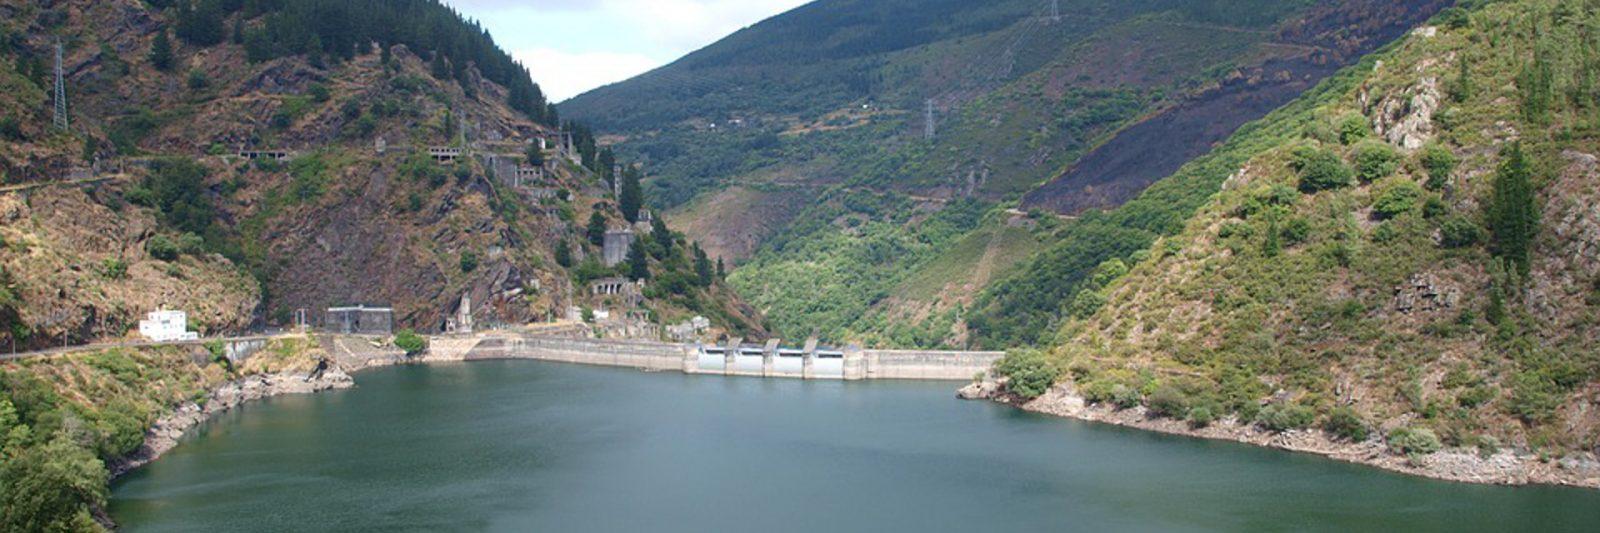 el-embalse-de-salime-es-el-de-mayor-magnitud-de-asturias-1920